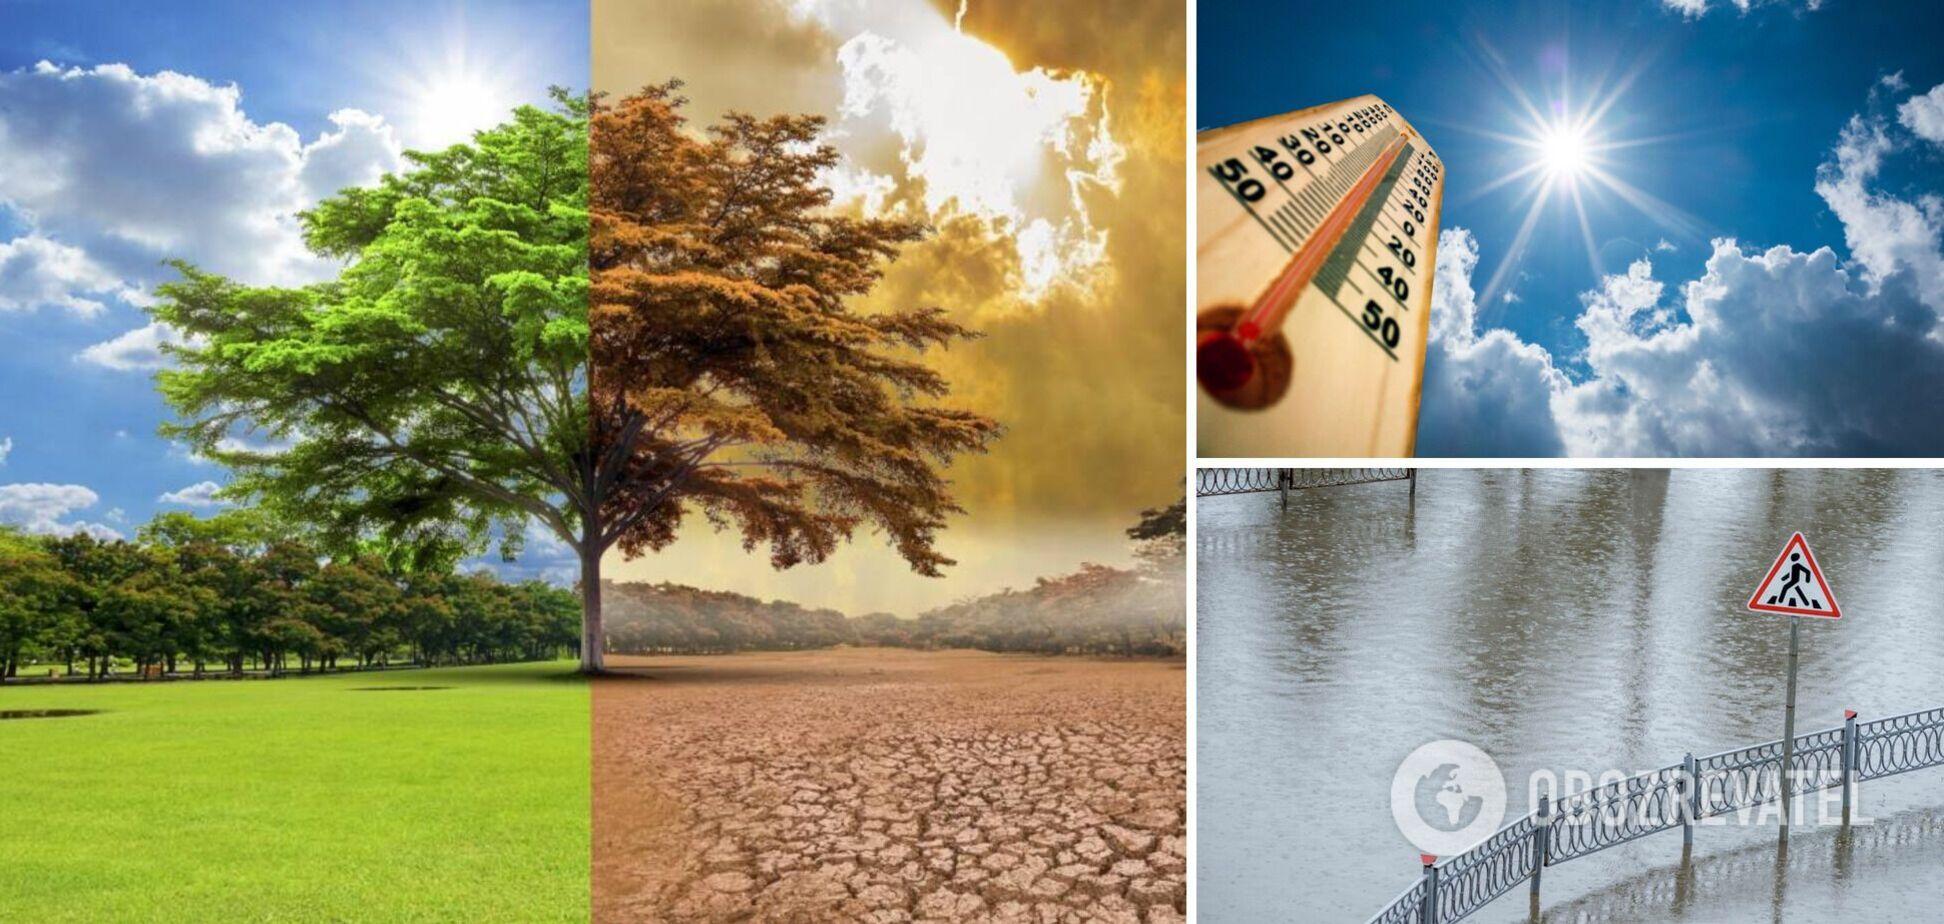 Засухи будут чередоваться с потопами, возникнут проблемы с водой: прогноз по изменениям климата в Украине